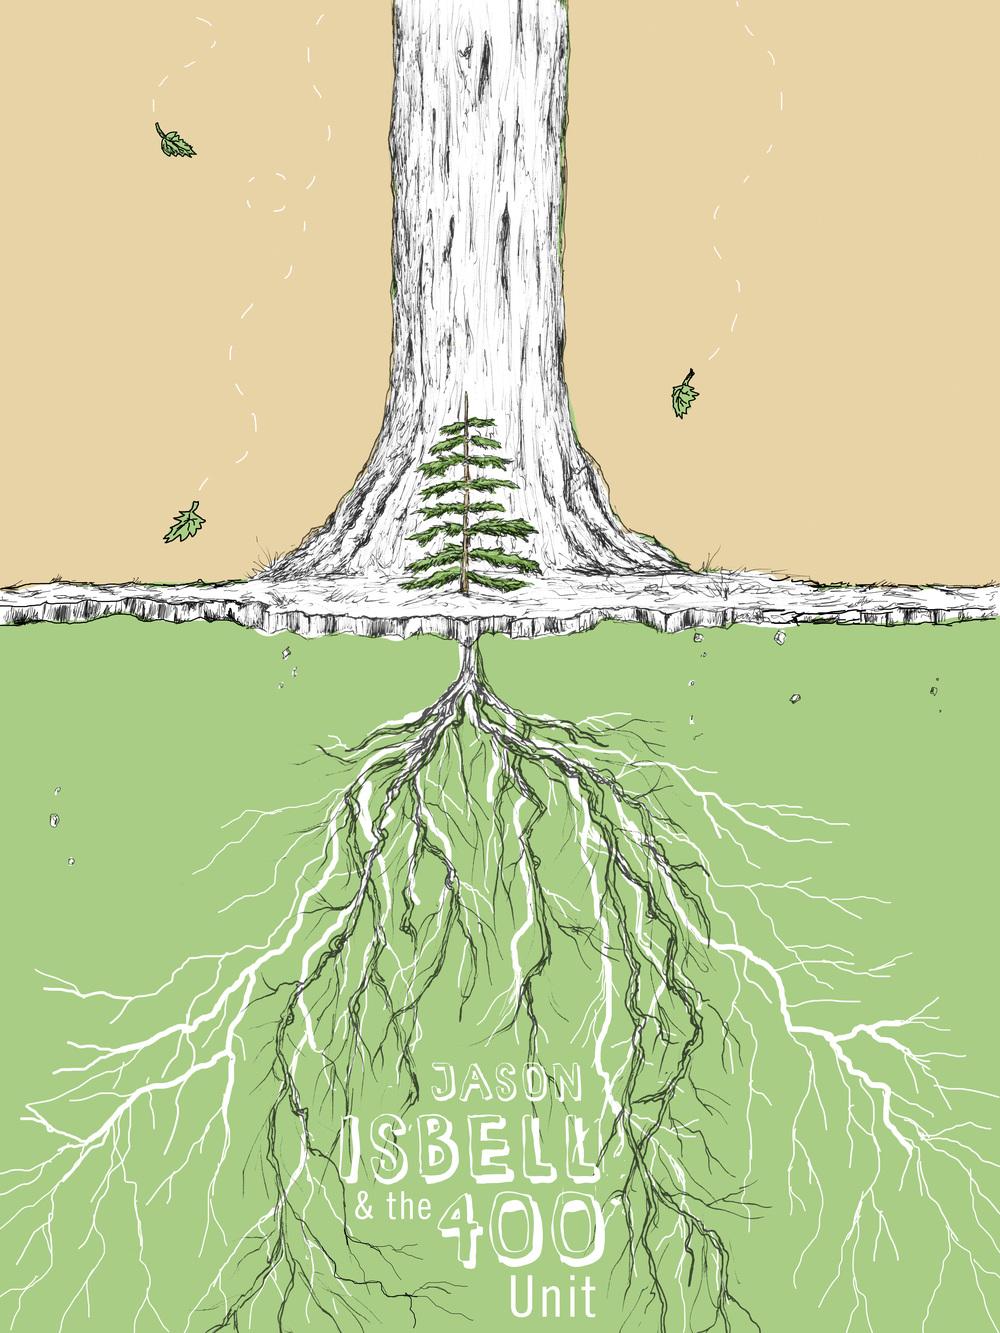 Jason Isbell Poster 3.jpg